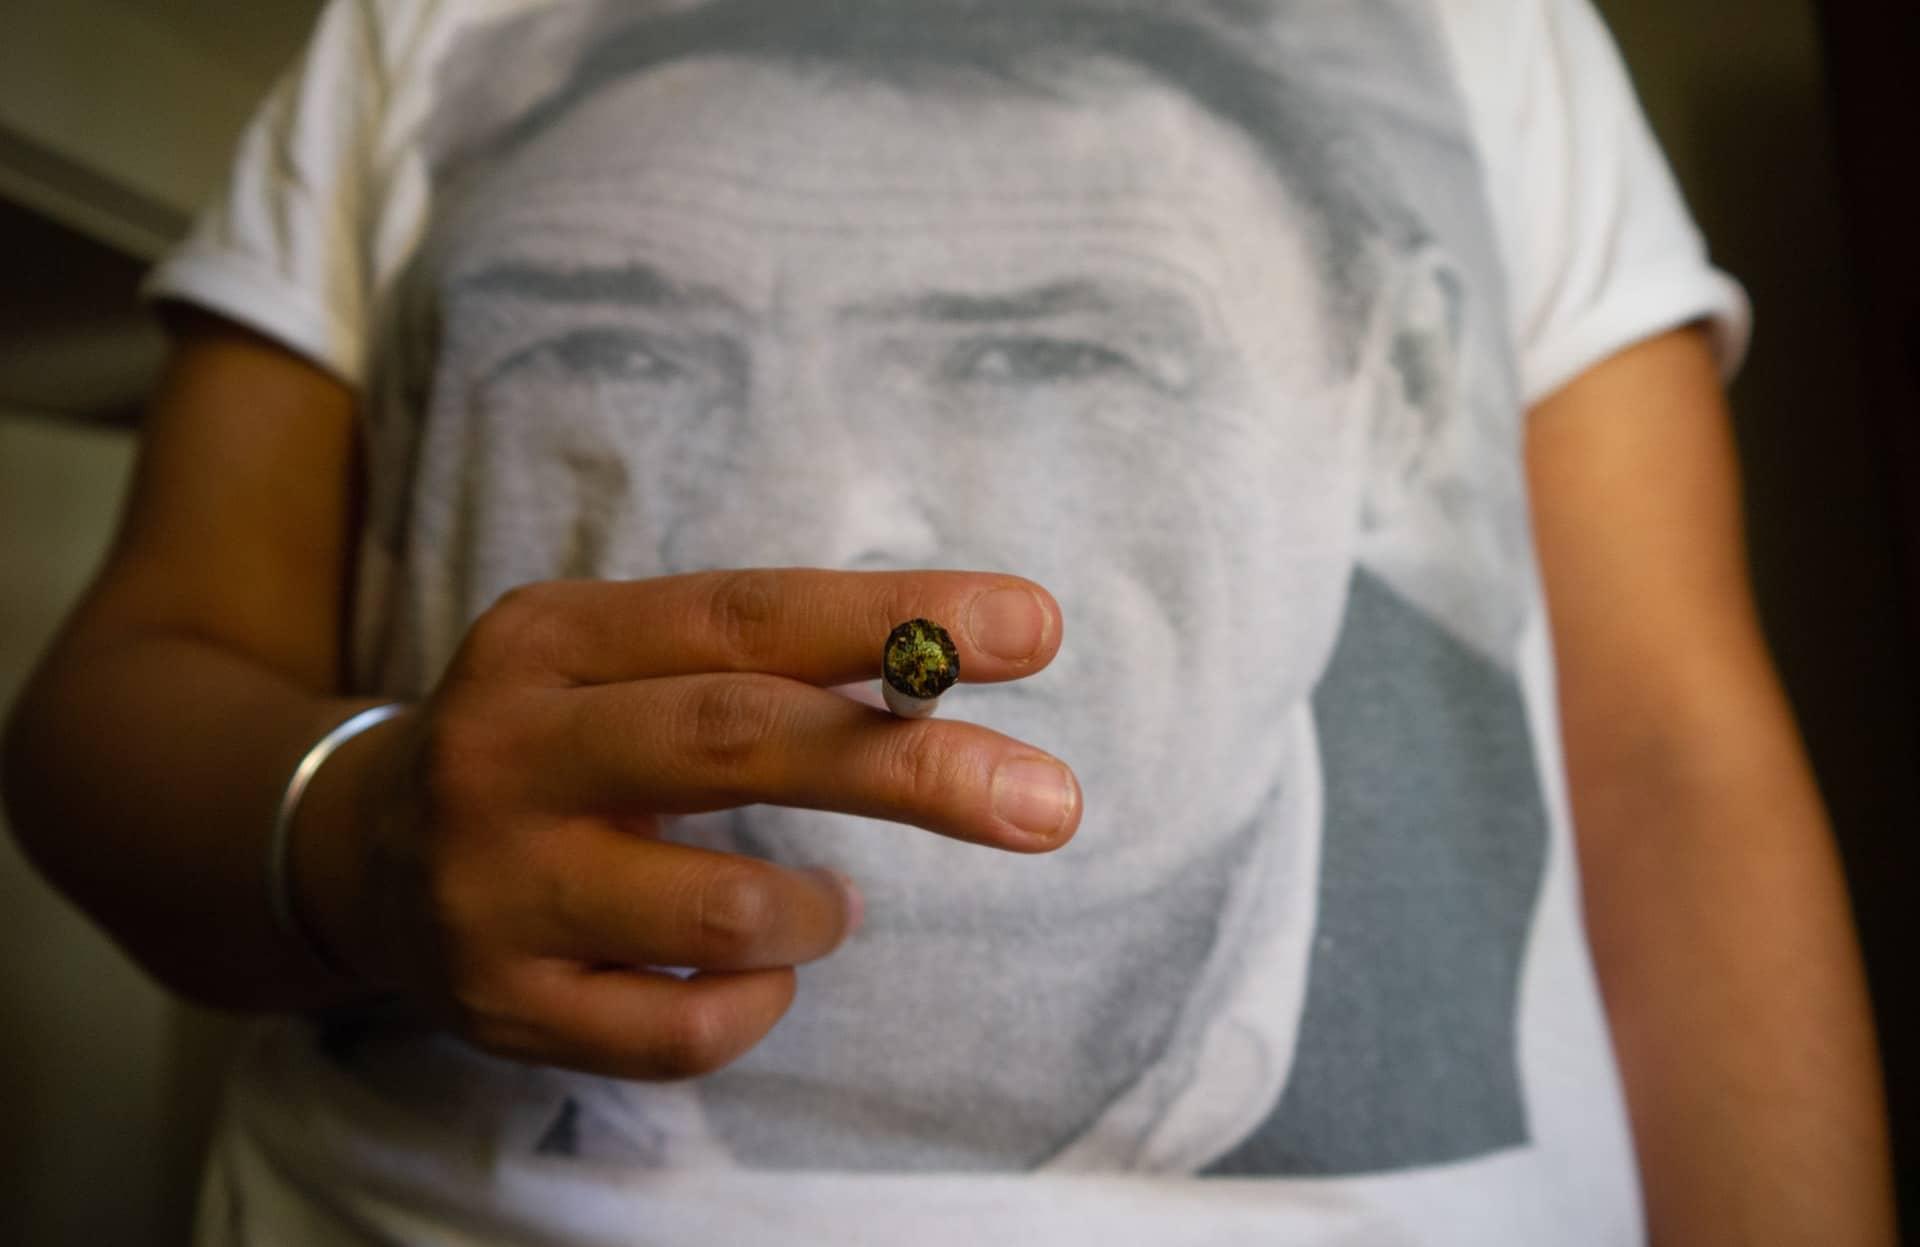 Nación Cannabis | EE. UU. rompió récord en venta de marihuana